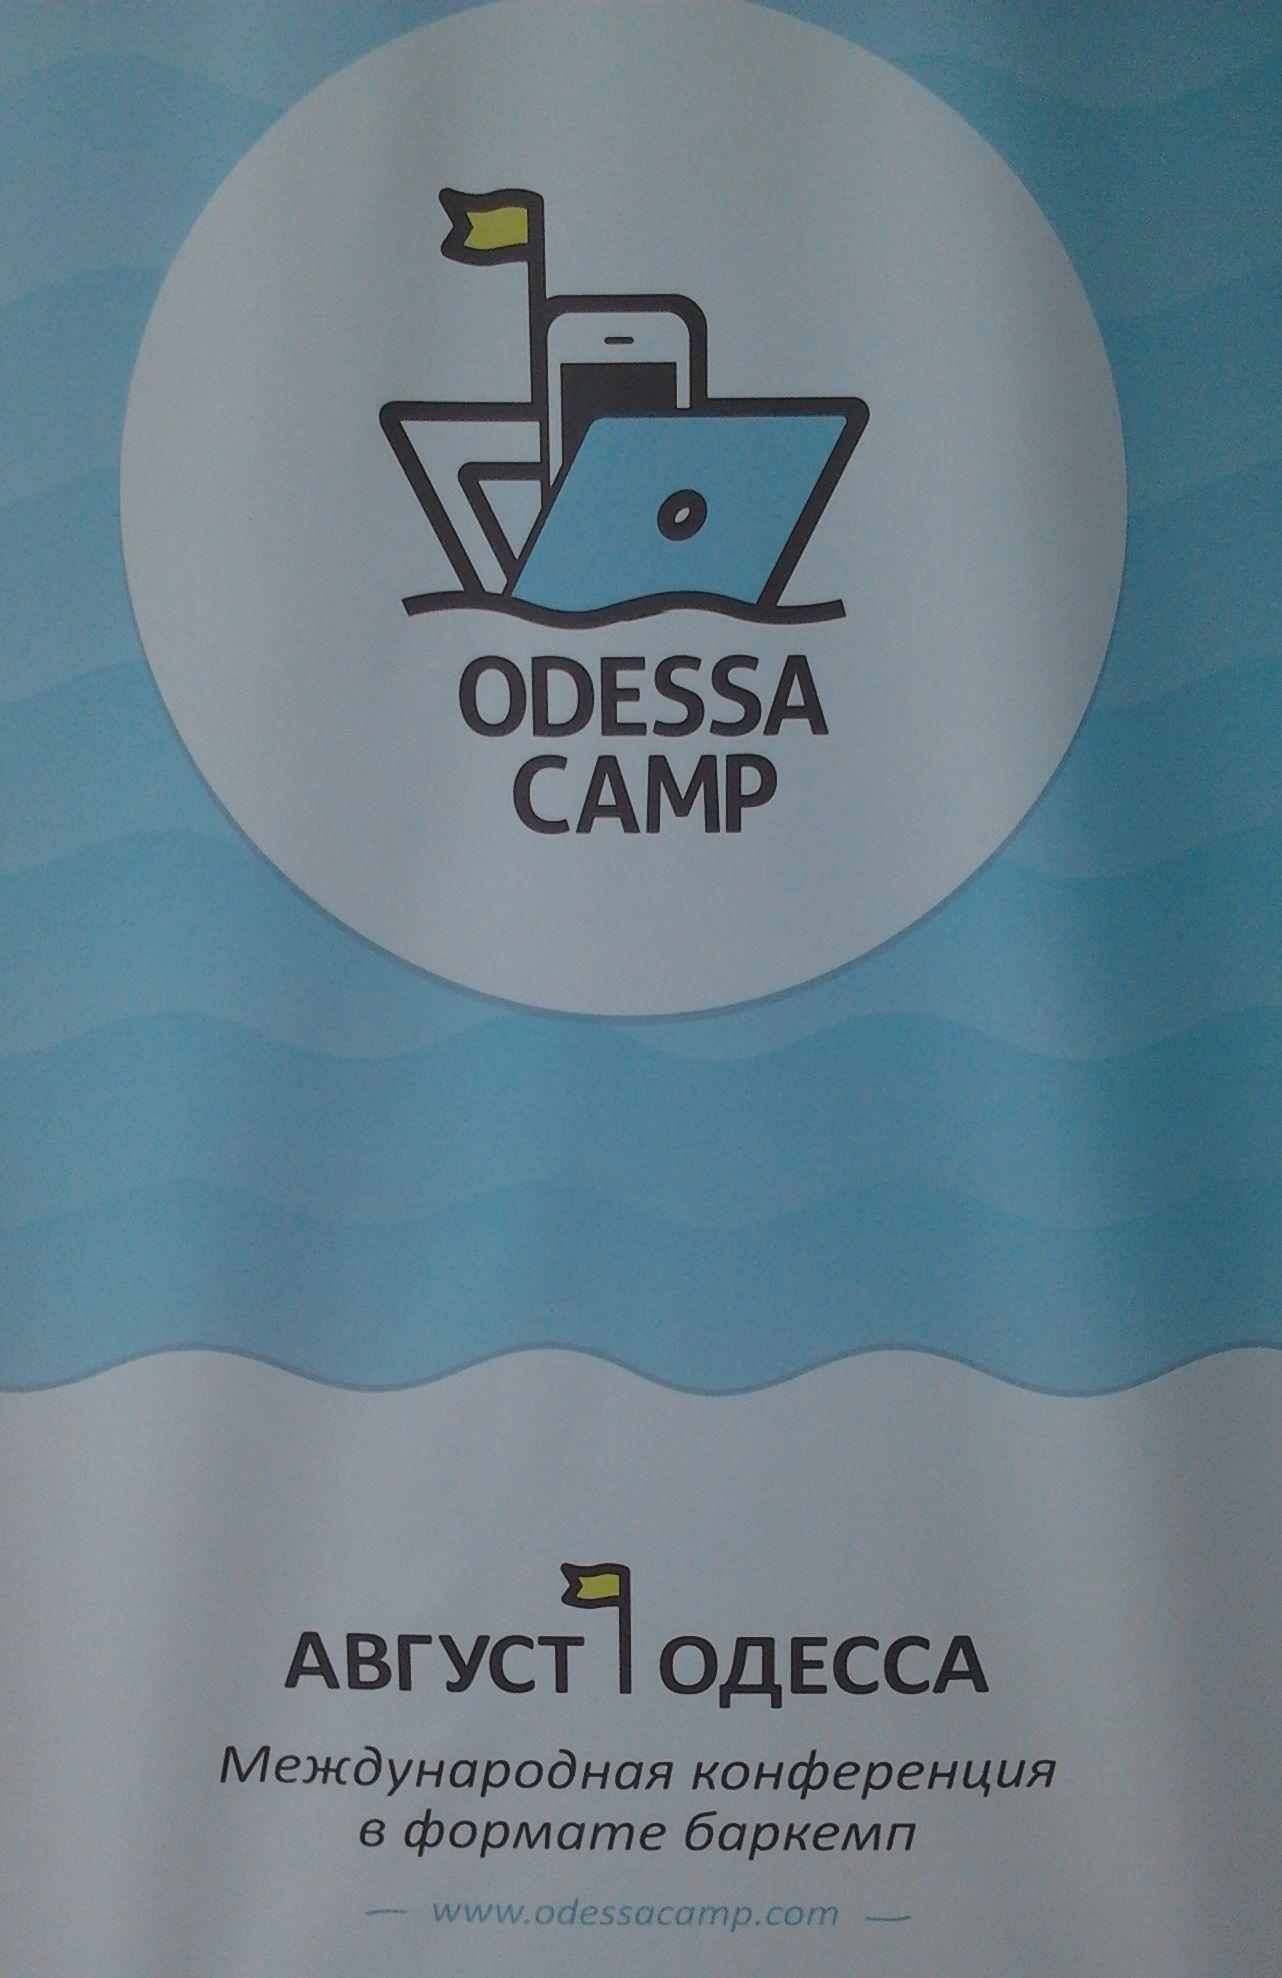 Odessa camp 2012